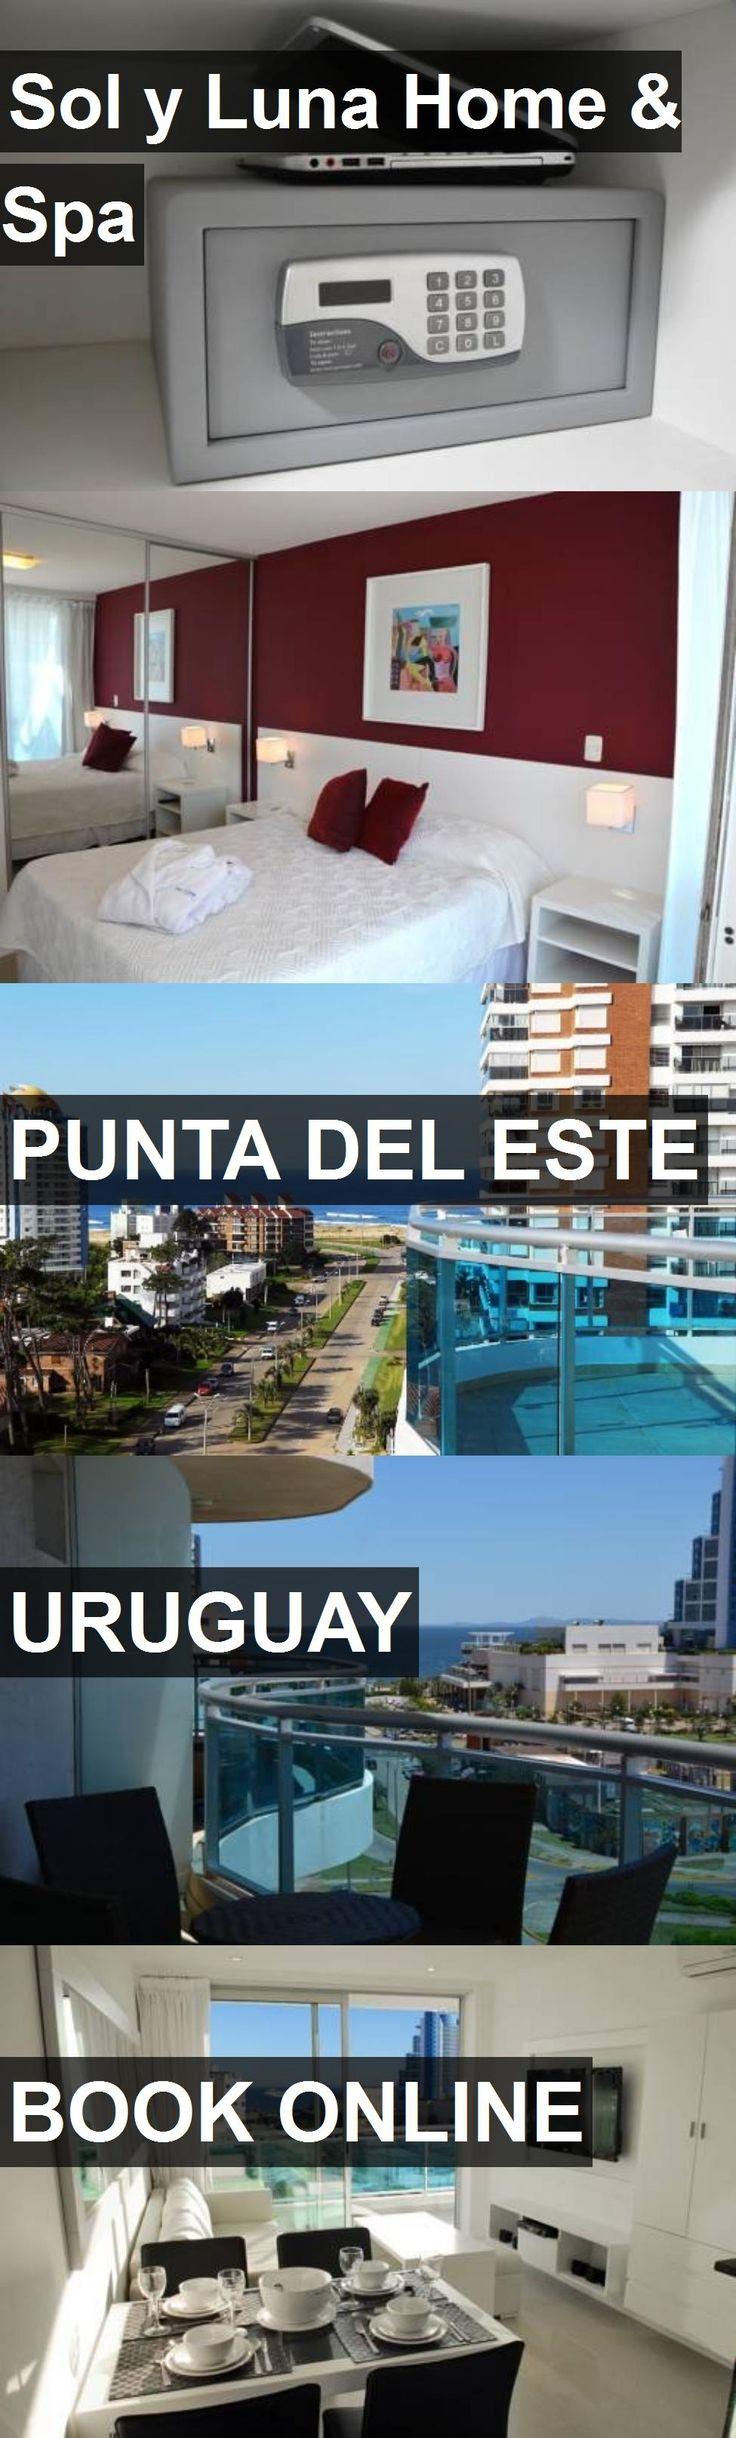 Hotel Sol y Luna Home